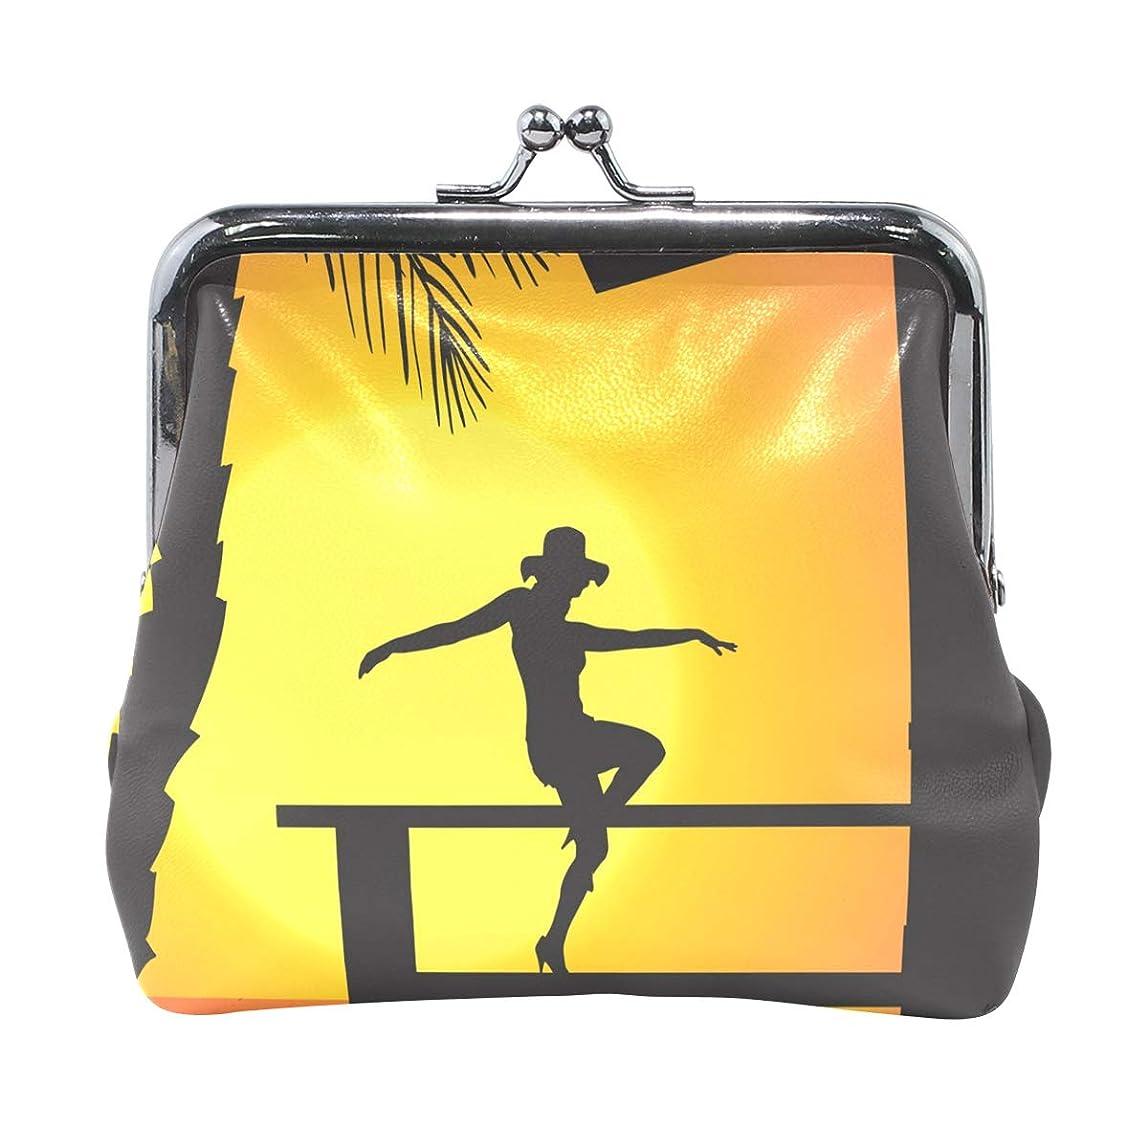 想定する構造的あえぎがま口 財布 口金 小銭入れ ポーチ 踊り 日暮れ 女 ANNSIN バッグ かわいい 高級レザー レディース プレゼント ほど良いサイズ